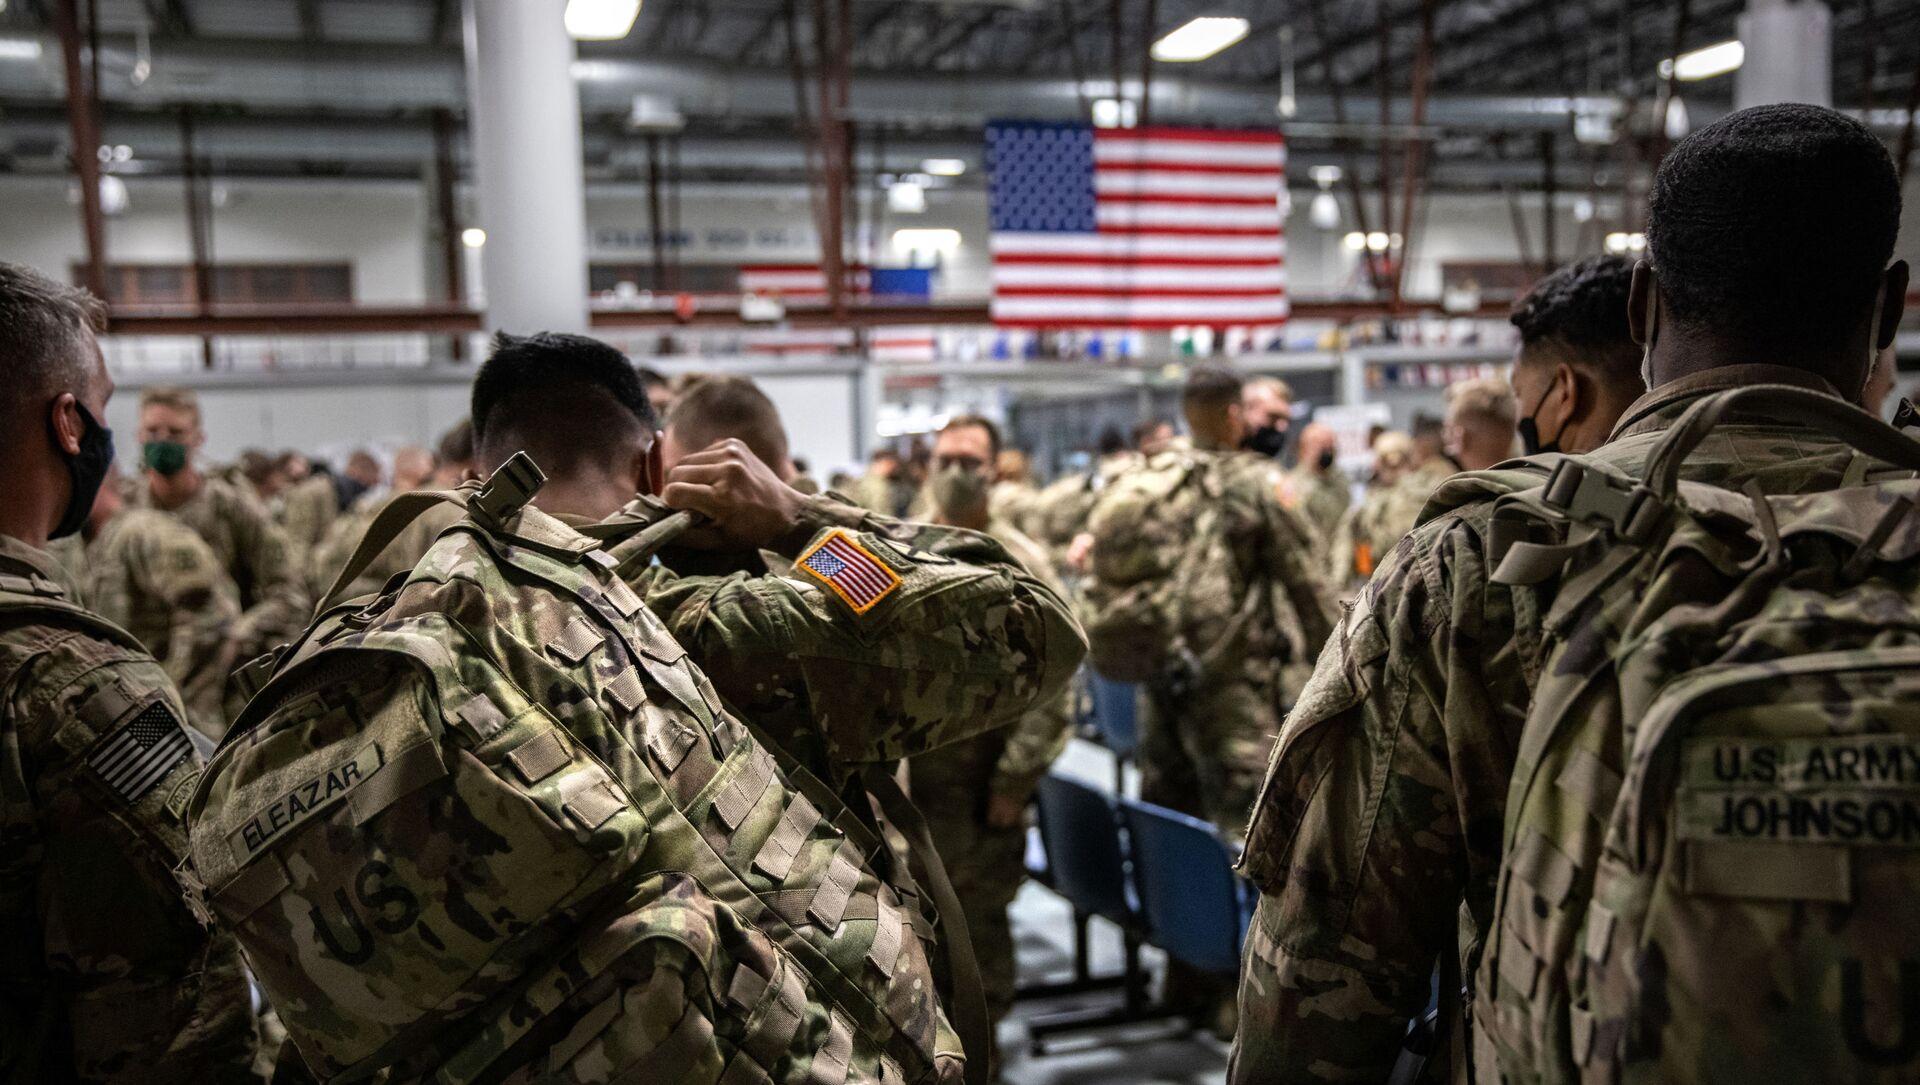 Des soldats américains rentrent à New York après avoir passé 9 mois en Afghanistan - Sputnik France, 1920, 22.08.2021